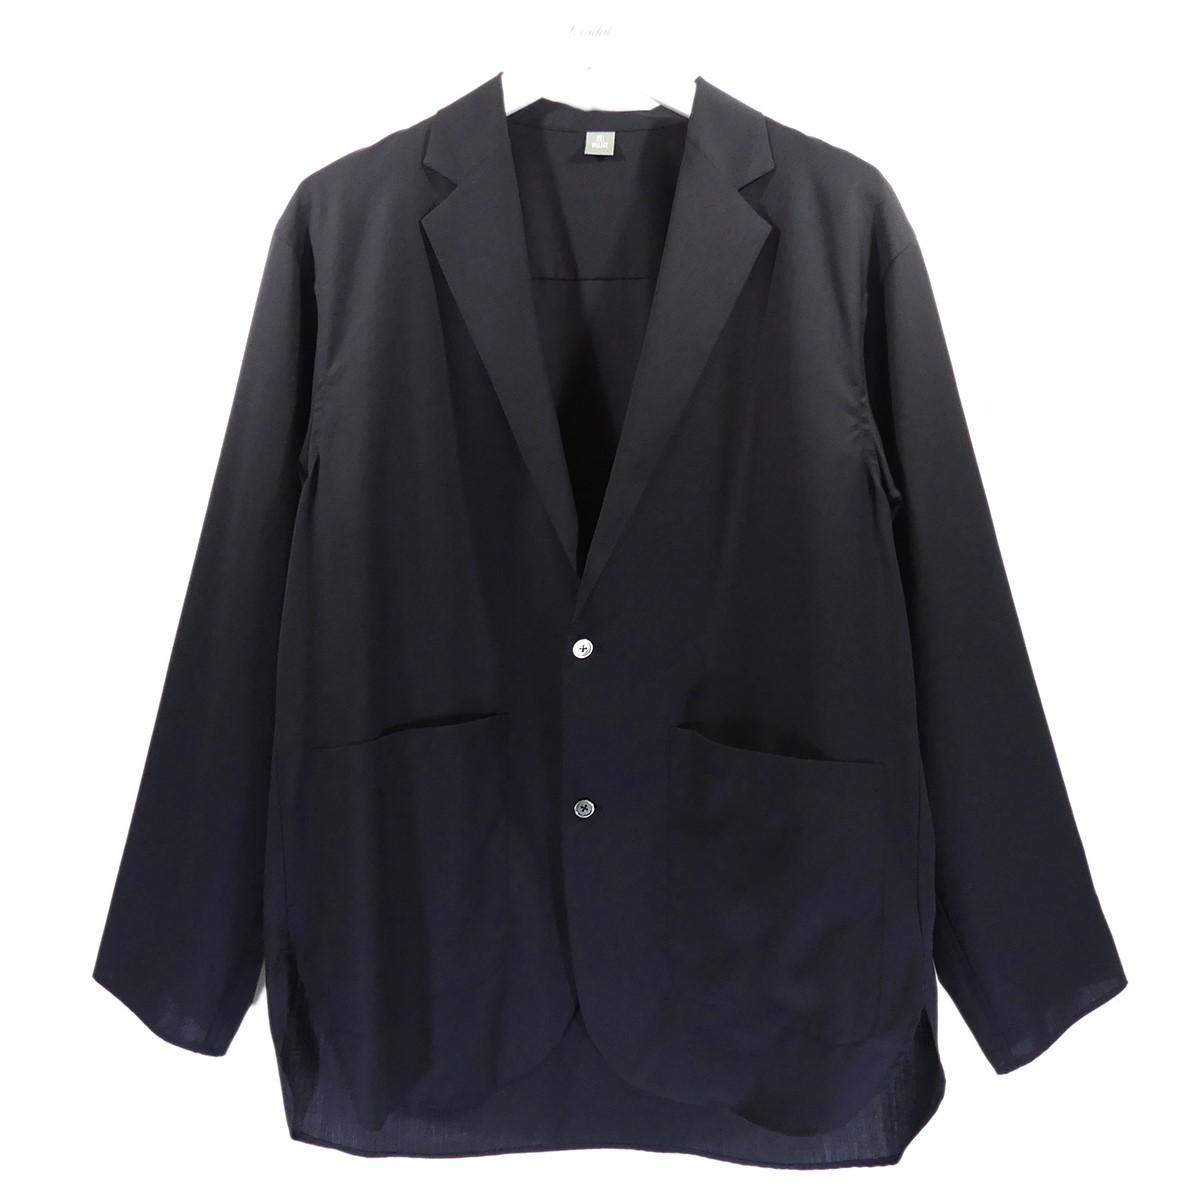 【中古】221VILLAGE 2020SS Super120s シャツジャケット ネイビー サイズ:2 【150720】(ニーニーイチヴィレッジ)